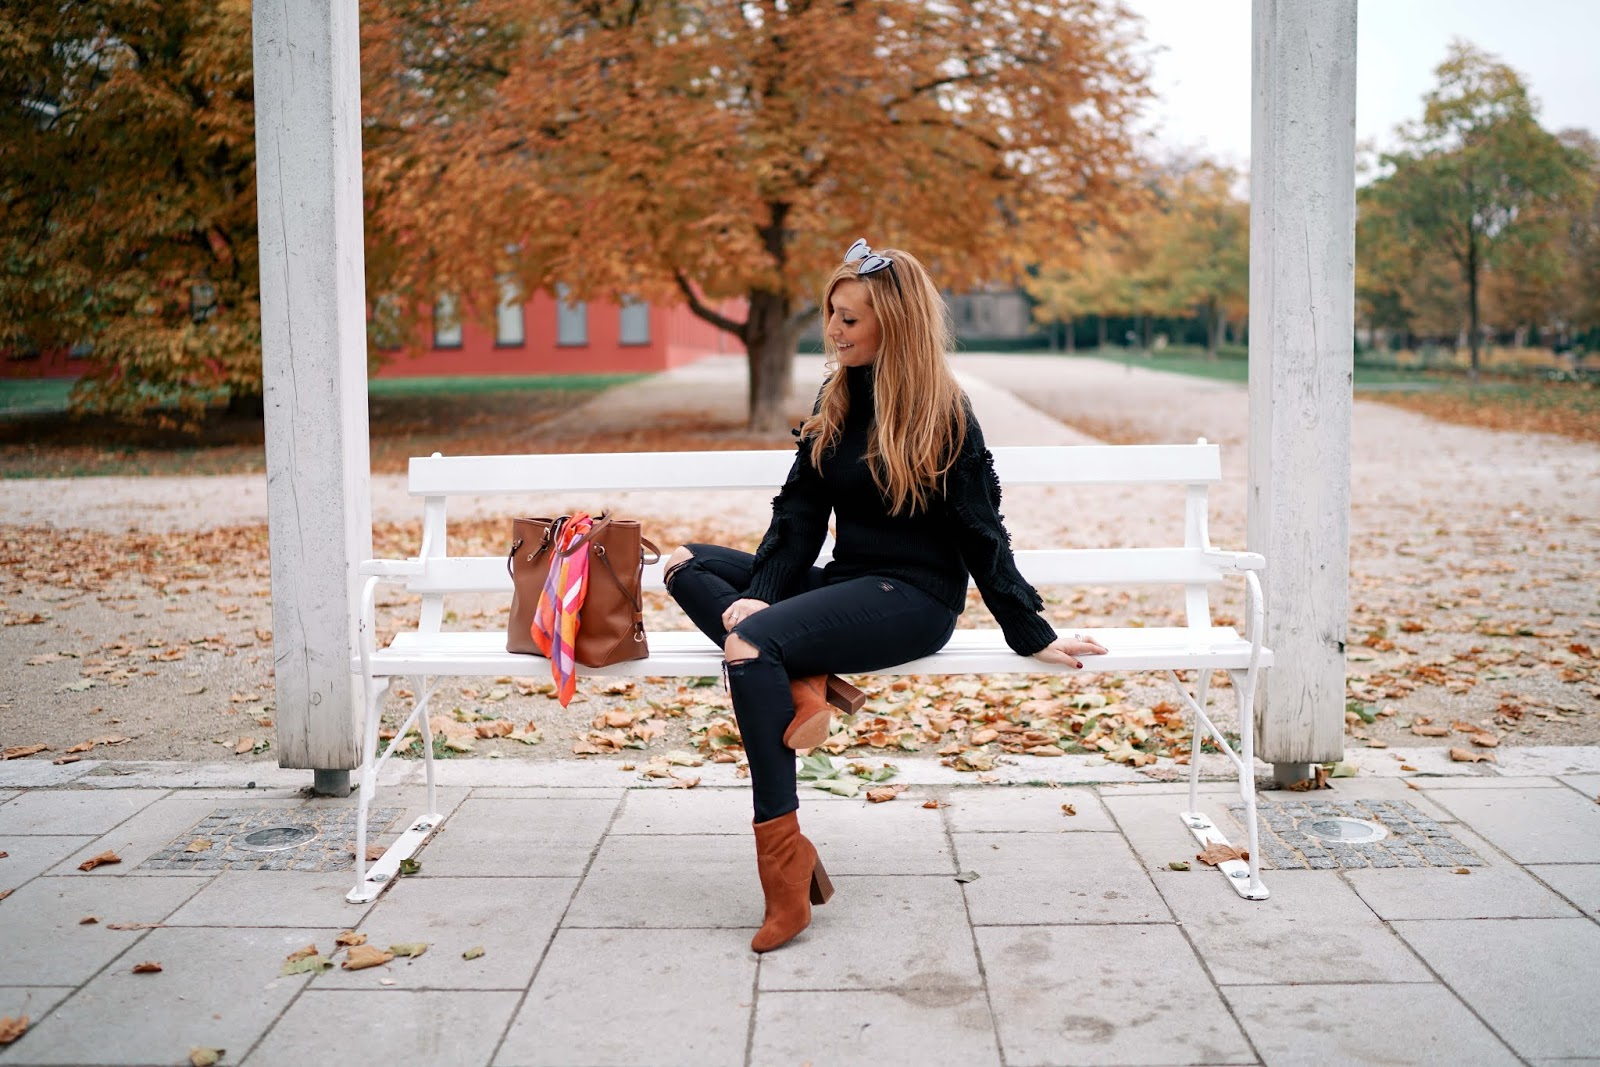 Winteroutfit-must-have-im-winter-justblack-conleys-pullover-in-schwarz-braune-wildleder-stifeletten-rollkragenpullover-fashionblogger-fashionstylebyjohanna.